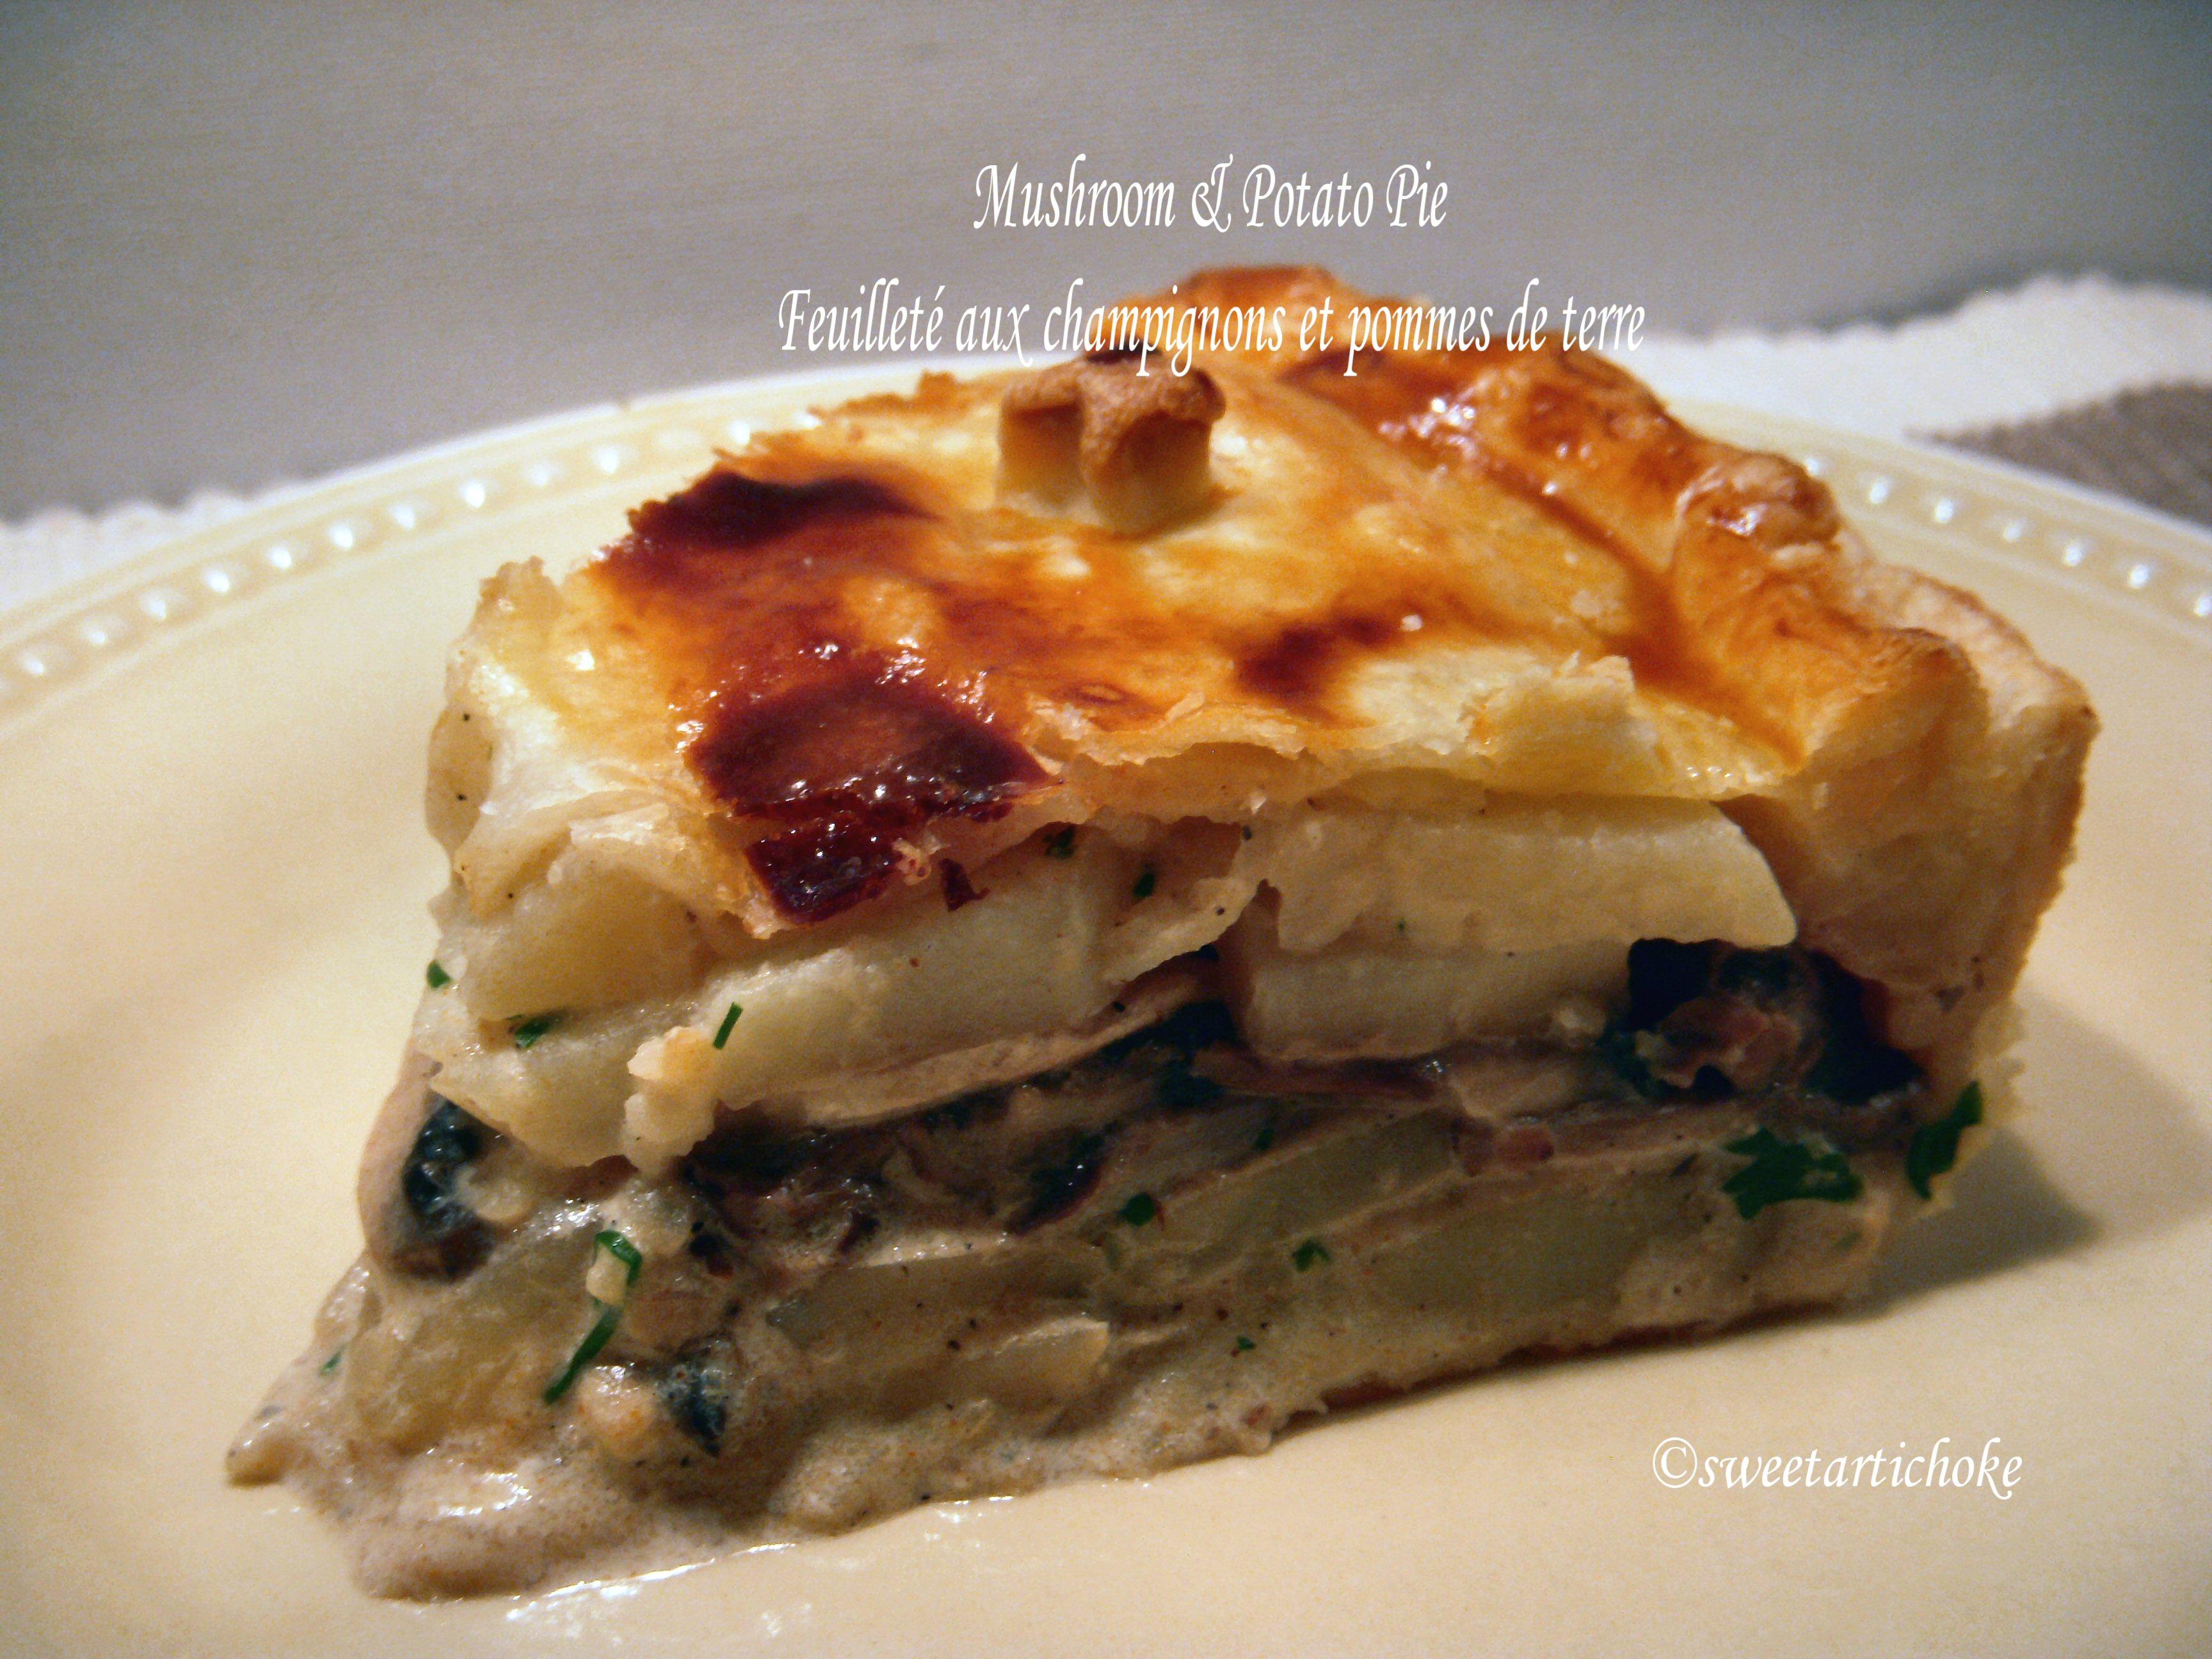 mushroom_potato_pie2